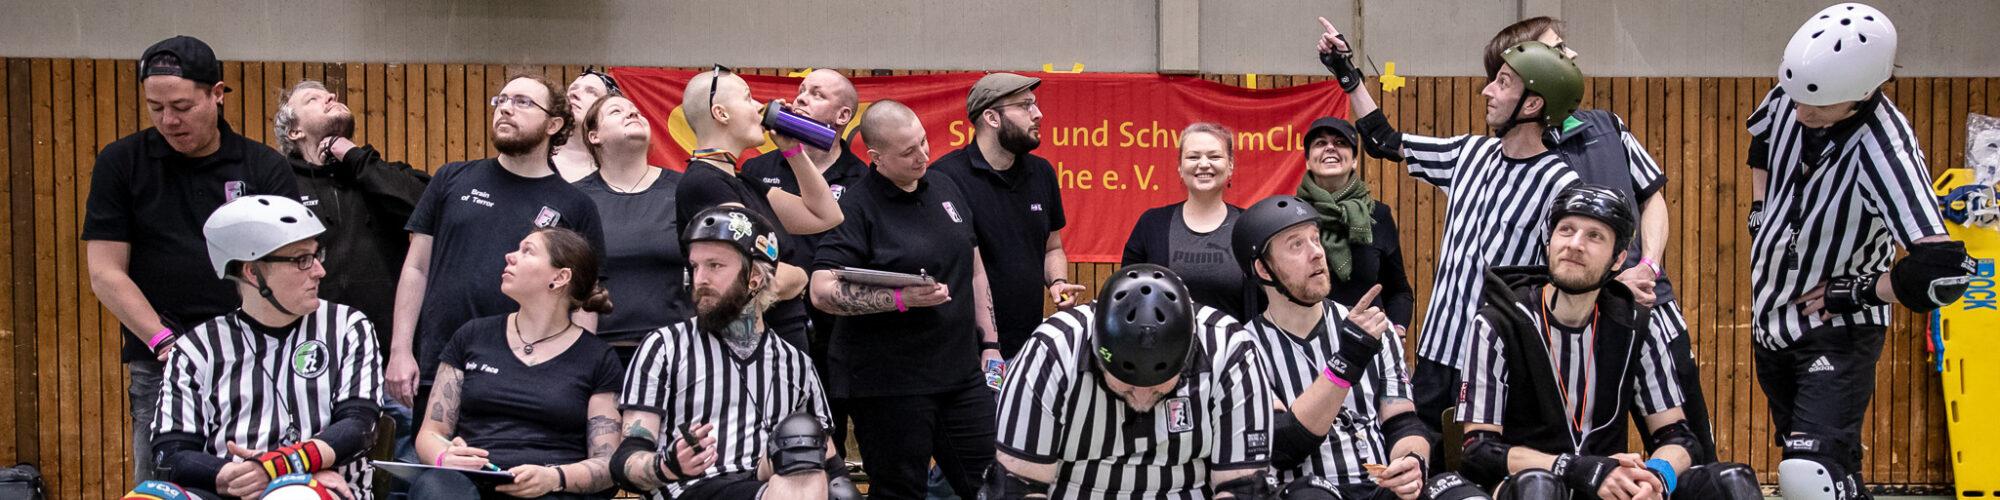 Roller Derby Deutschland